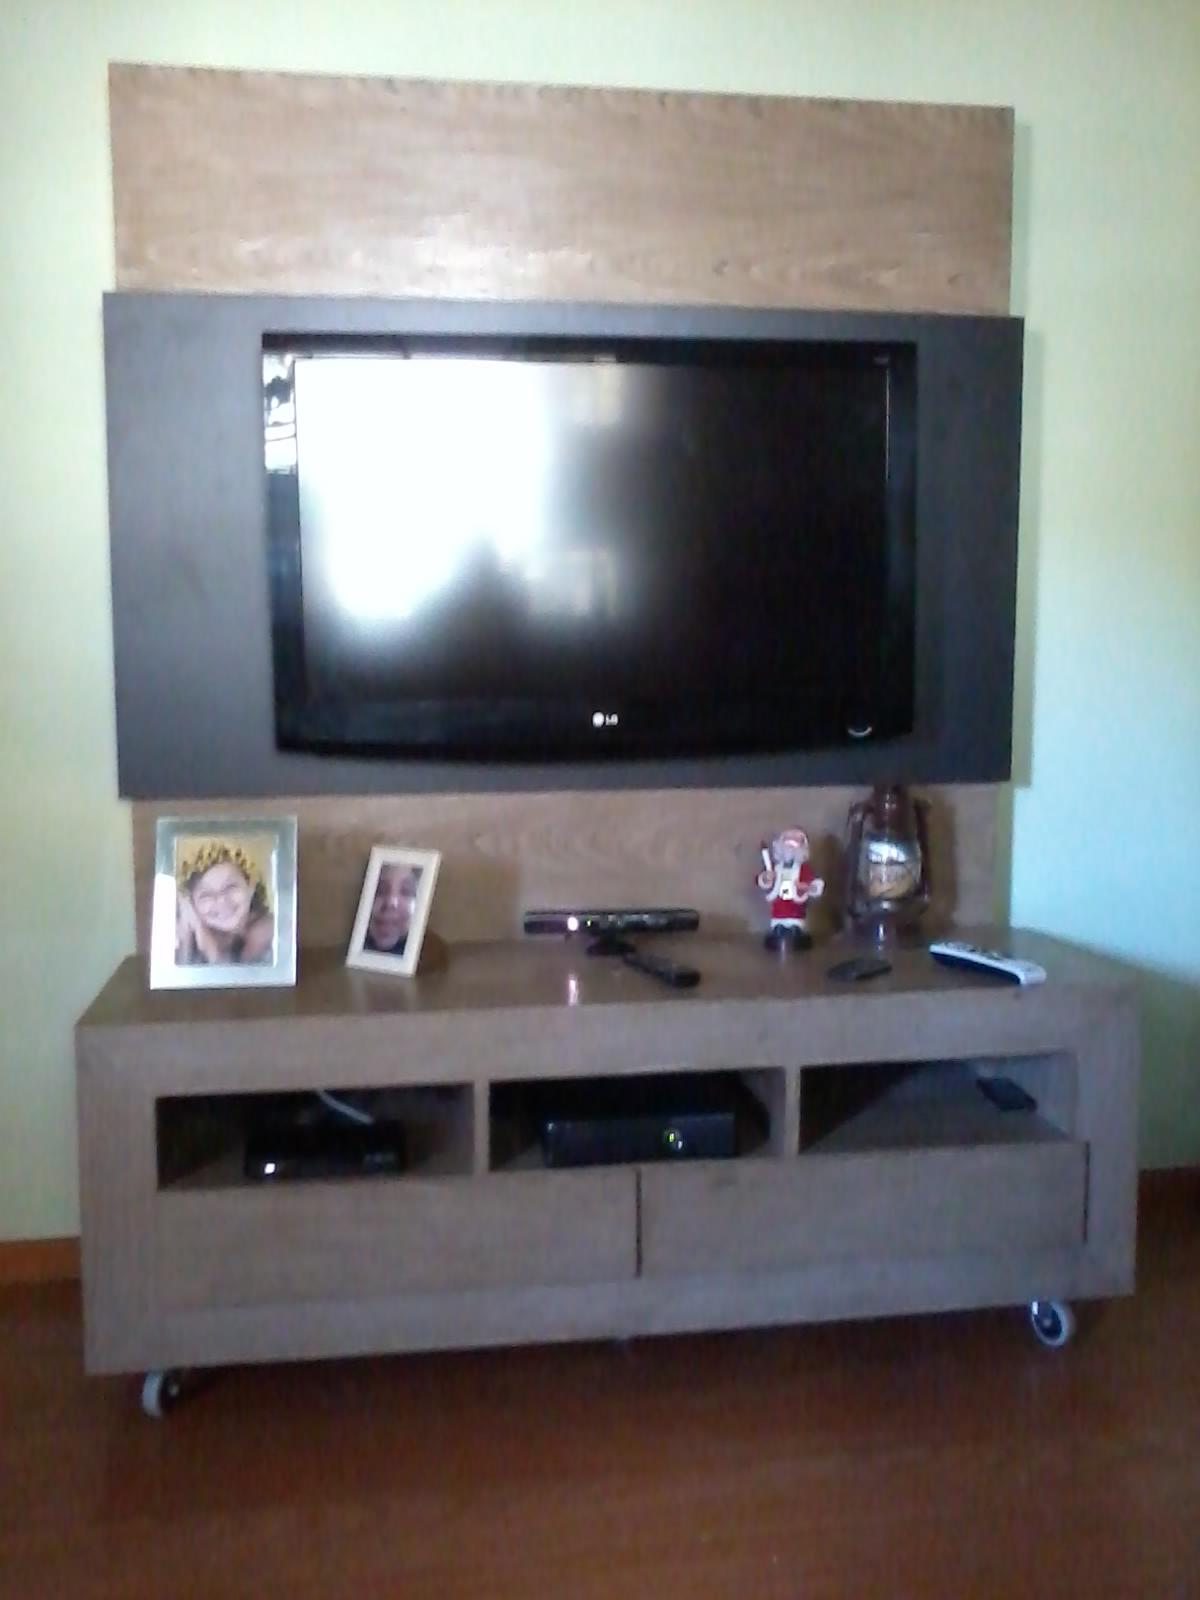 Pinheiros Marcenaria: Rack com painel para Televisão